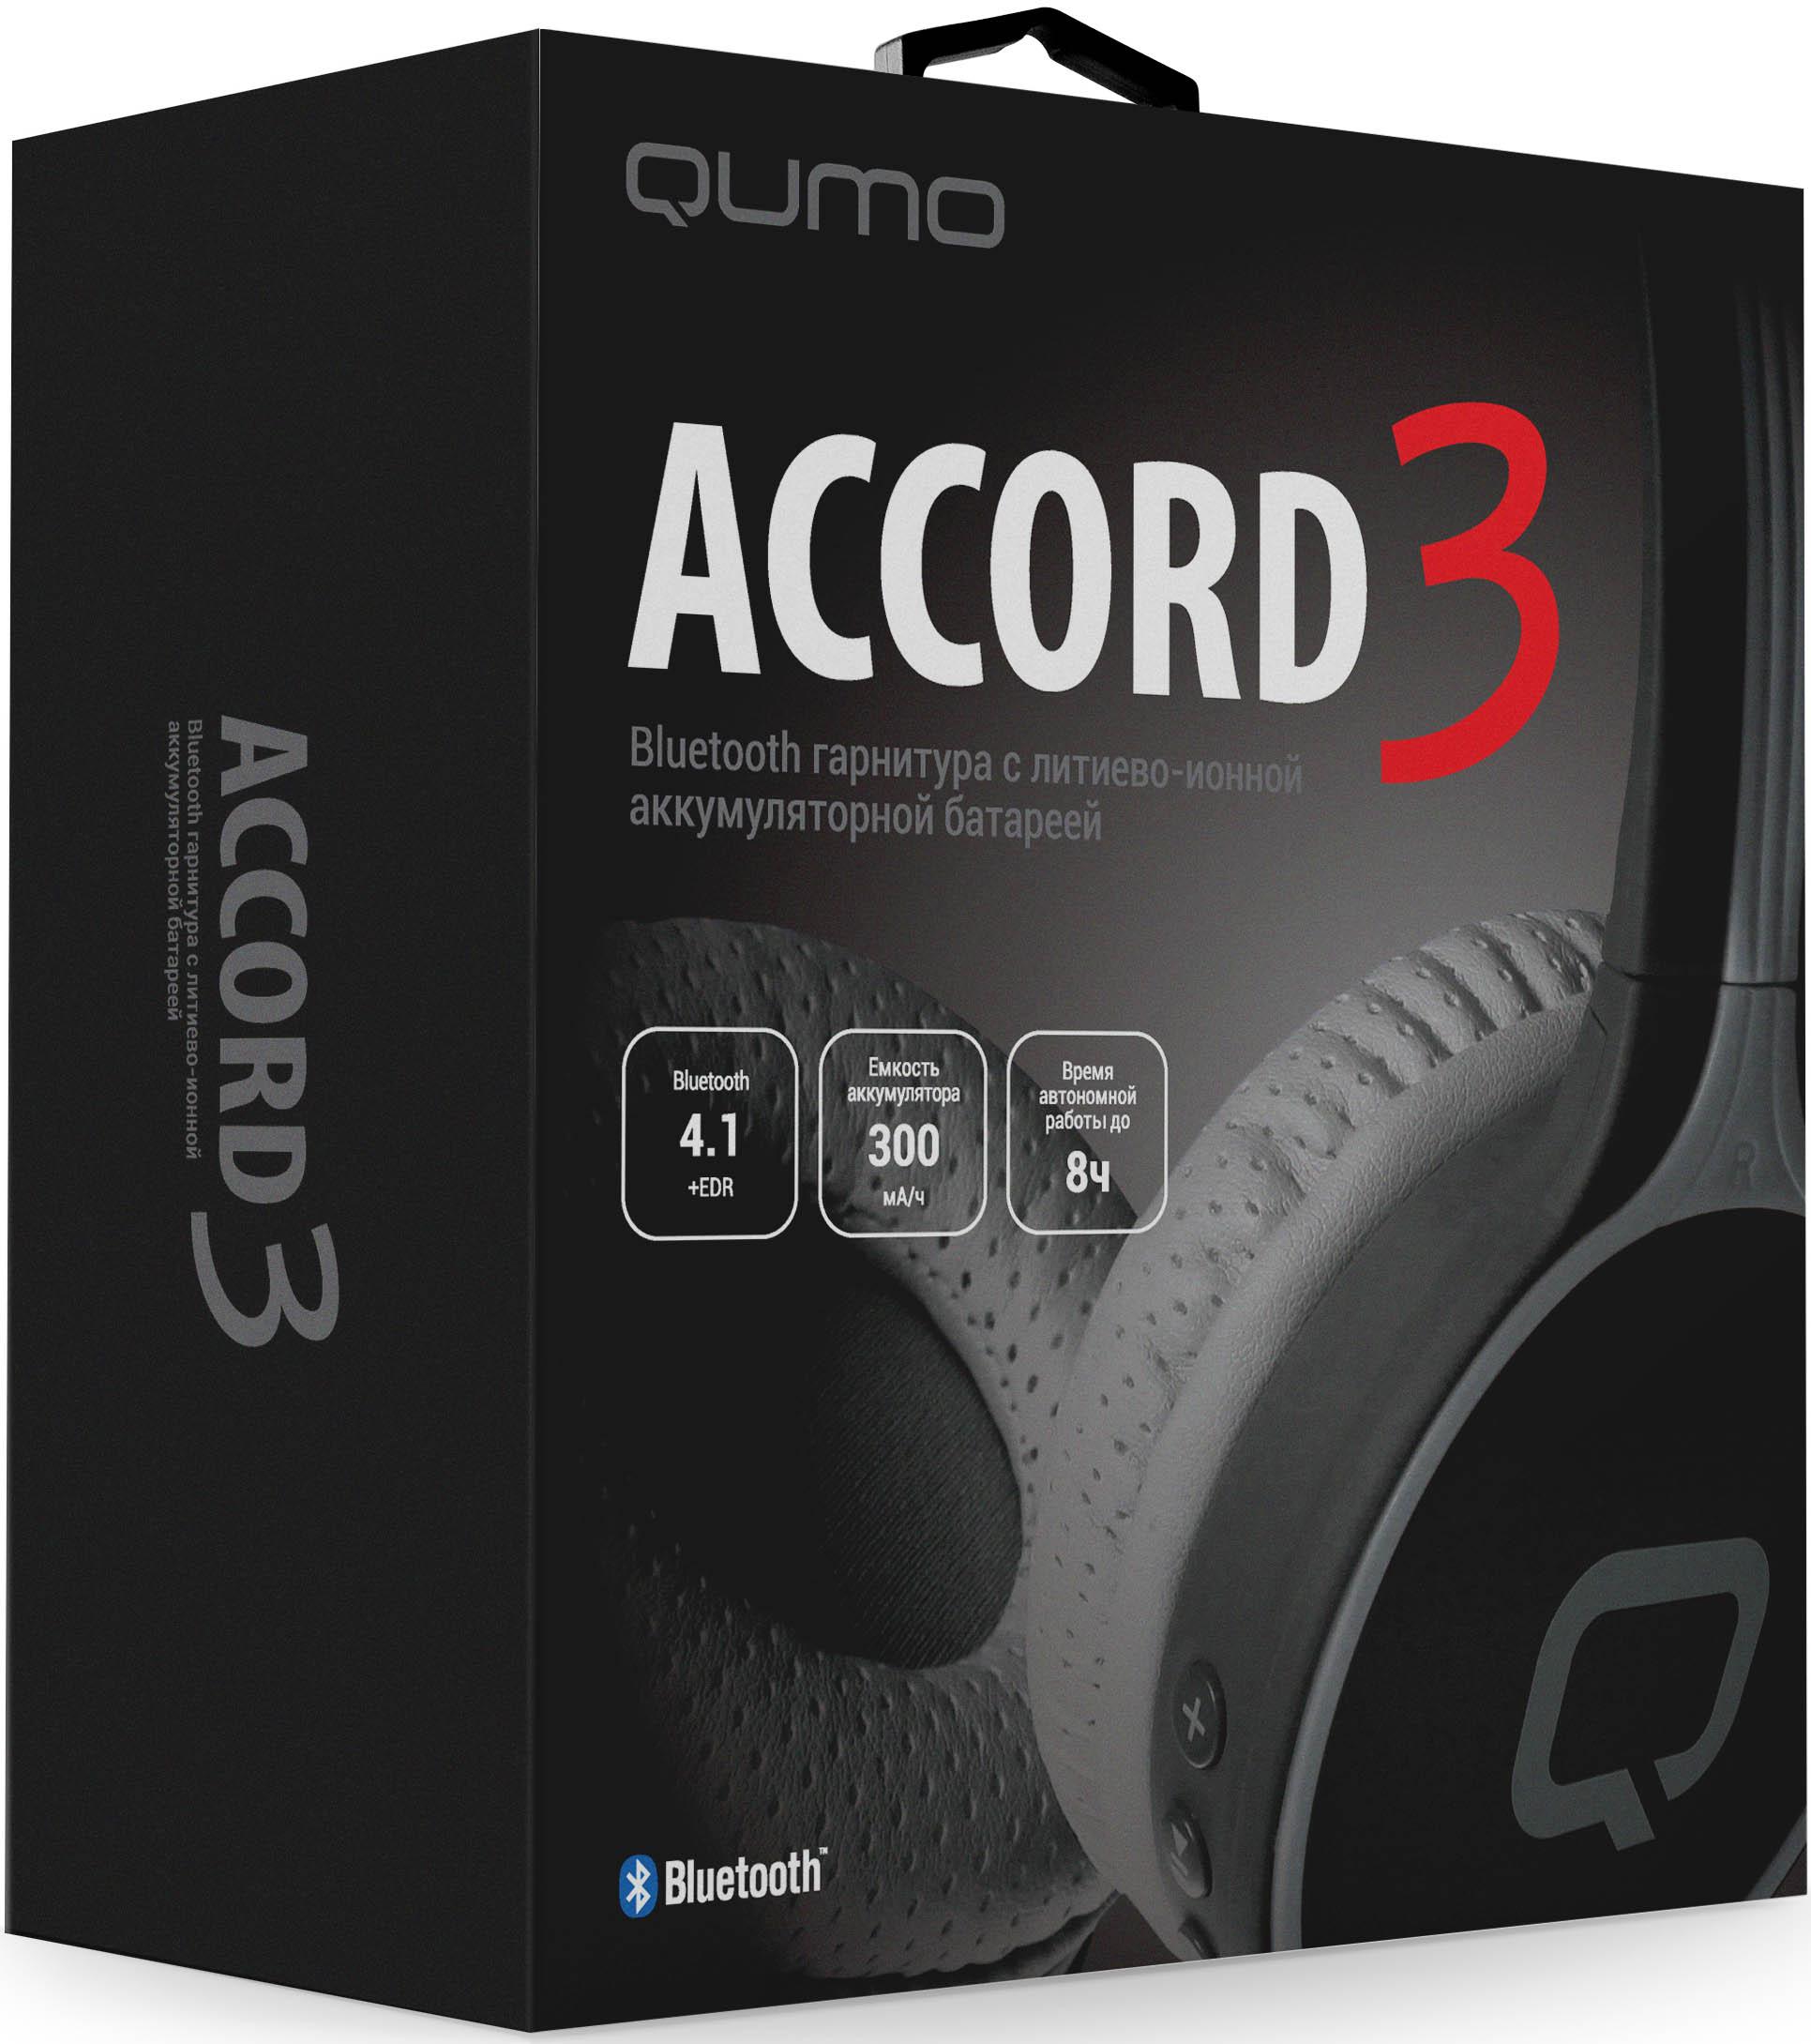 Bluetooth гарнитура Qumo Accord 3 (BT-0020) (Серые)Накладная bluetooth гарнитура Qumo Accord 3 (BT-0020) обеспечивает максимальный комфорт и до 6 часов в режиме разговора.<br>